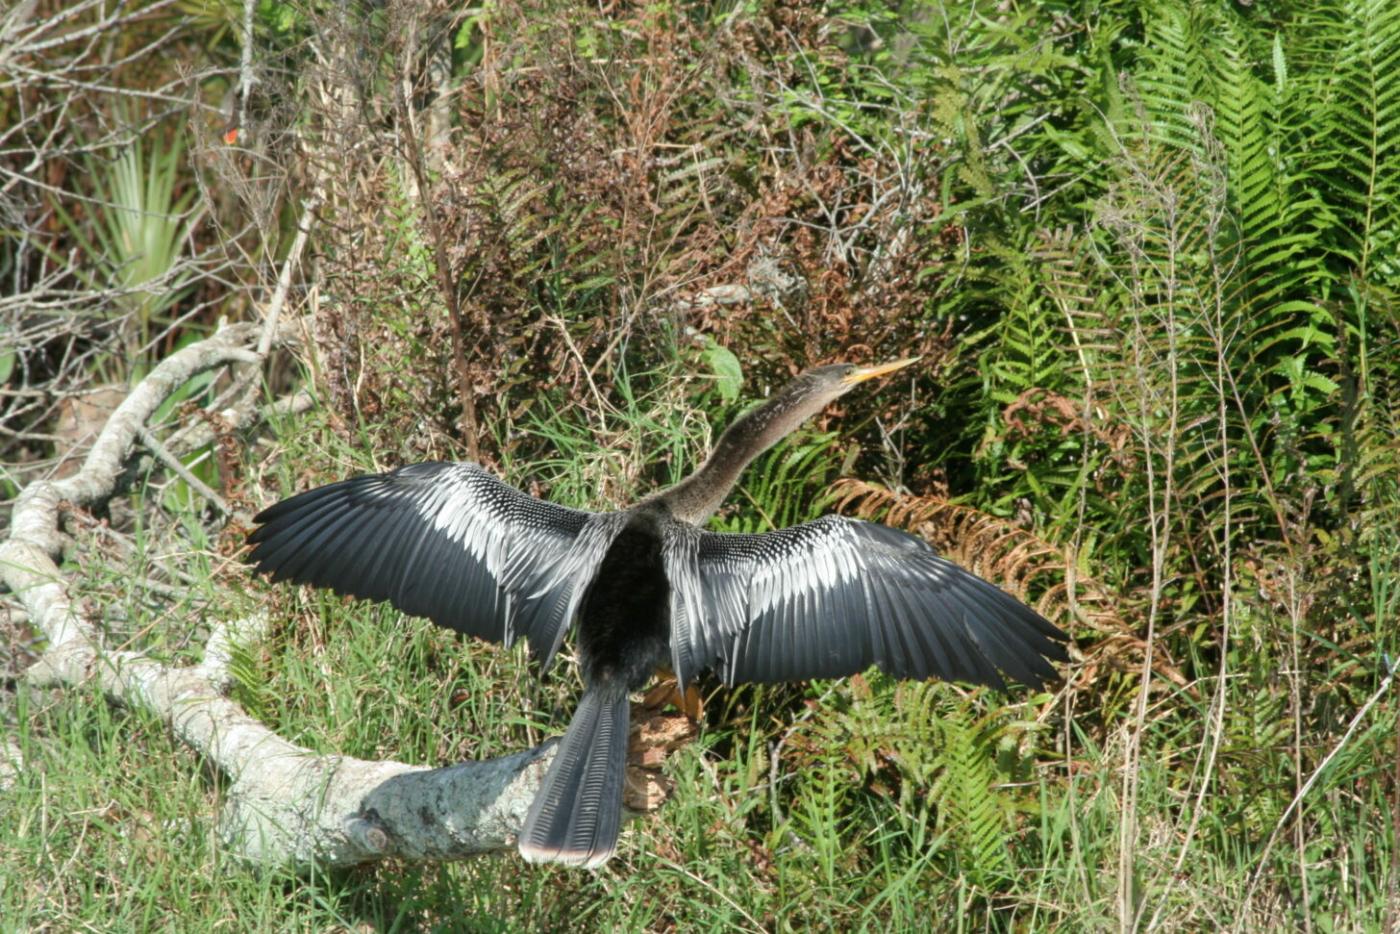 Image of a bird in flight.